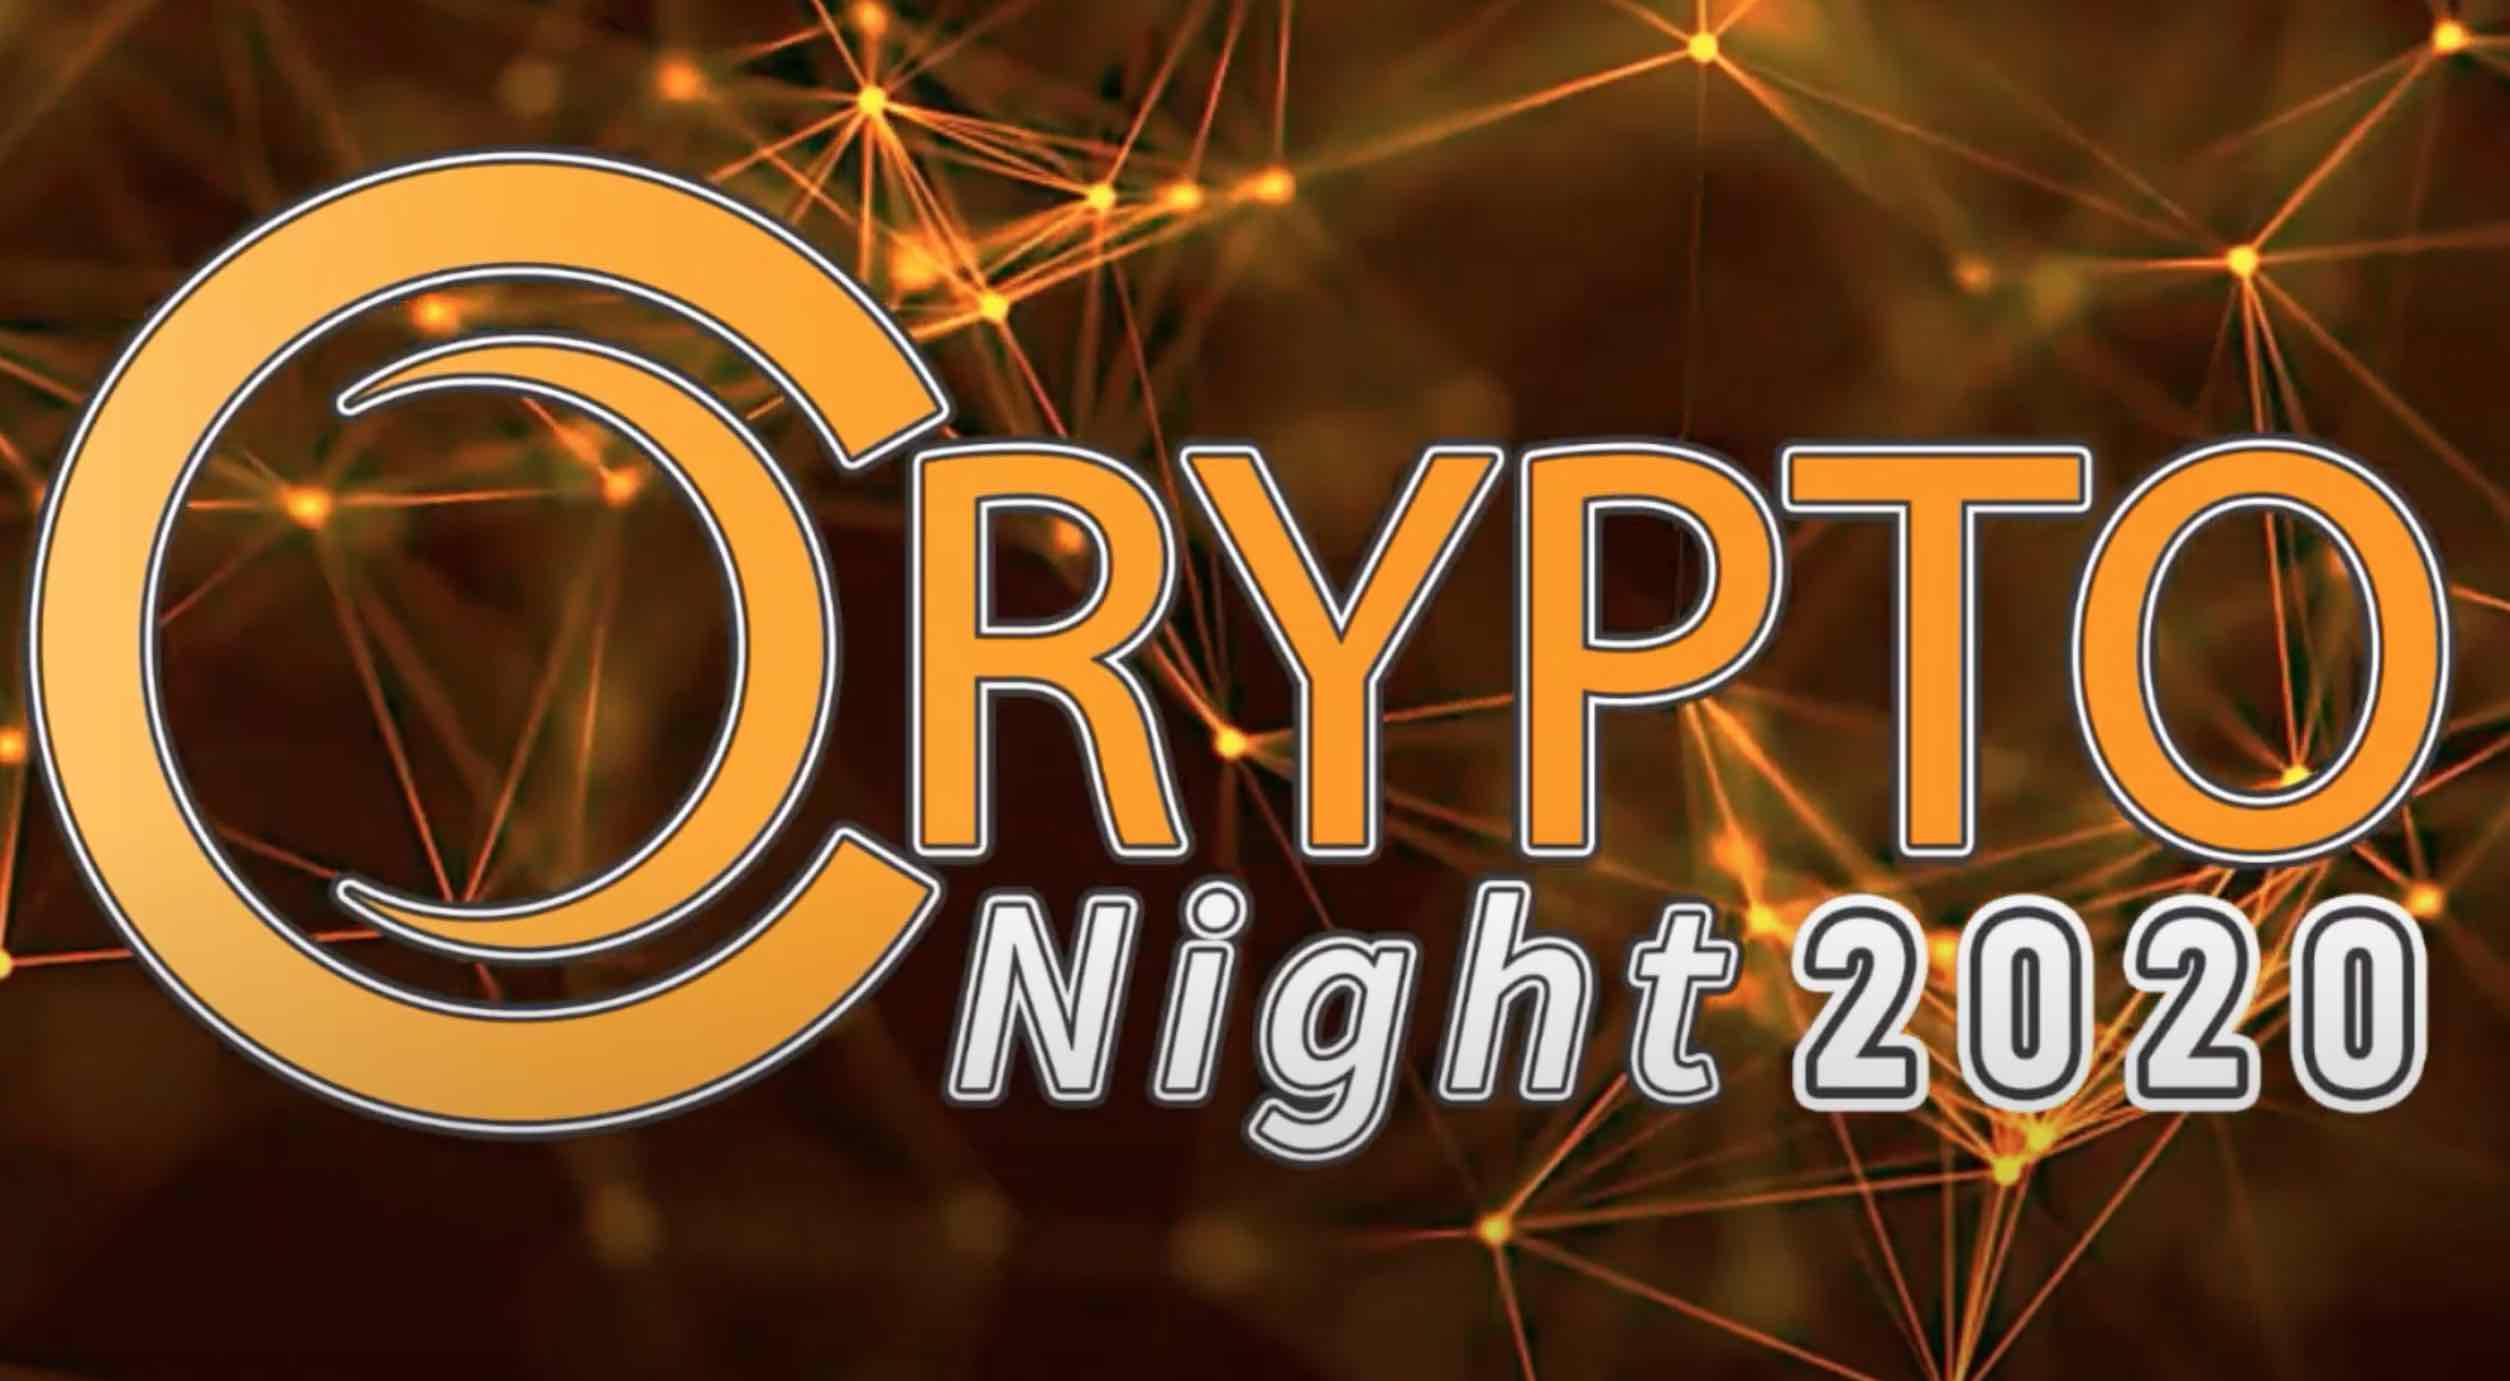 CryptoNight 2020